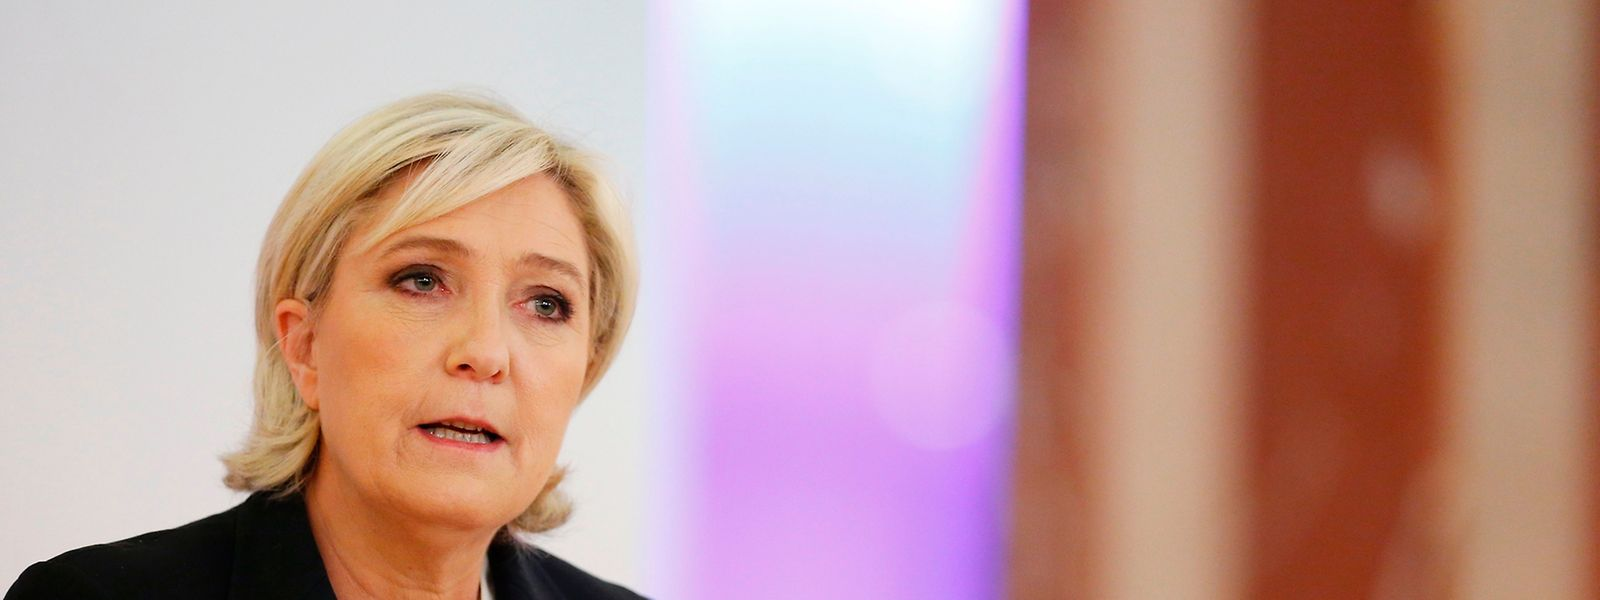 Erst im März hatte Le Pen wegen der Verbreitung menschenverachtender Gewaltbilder ihre Immunität verloren.